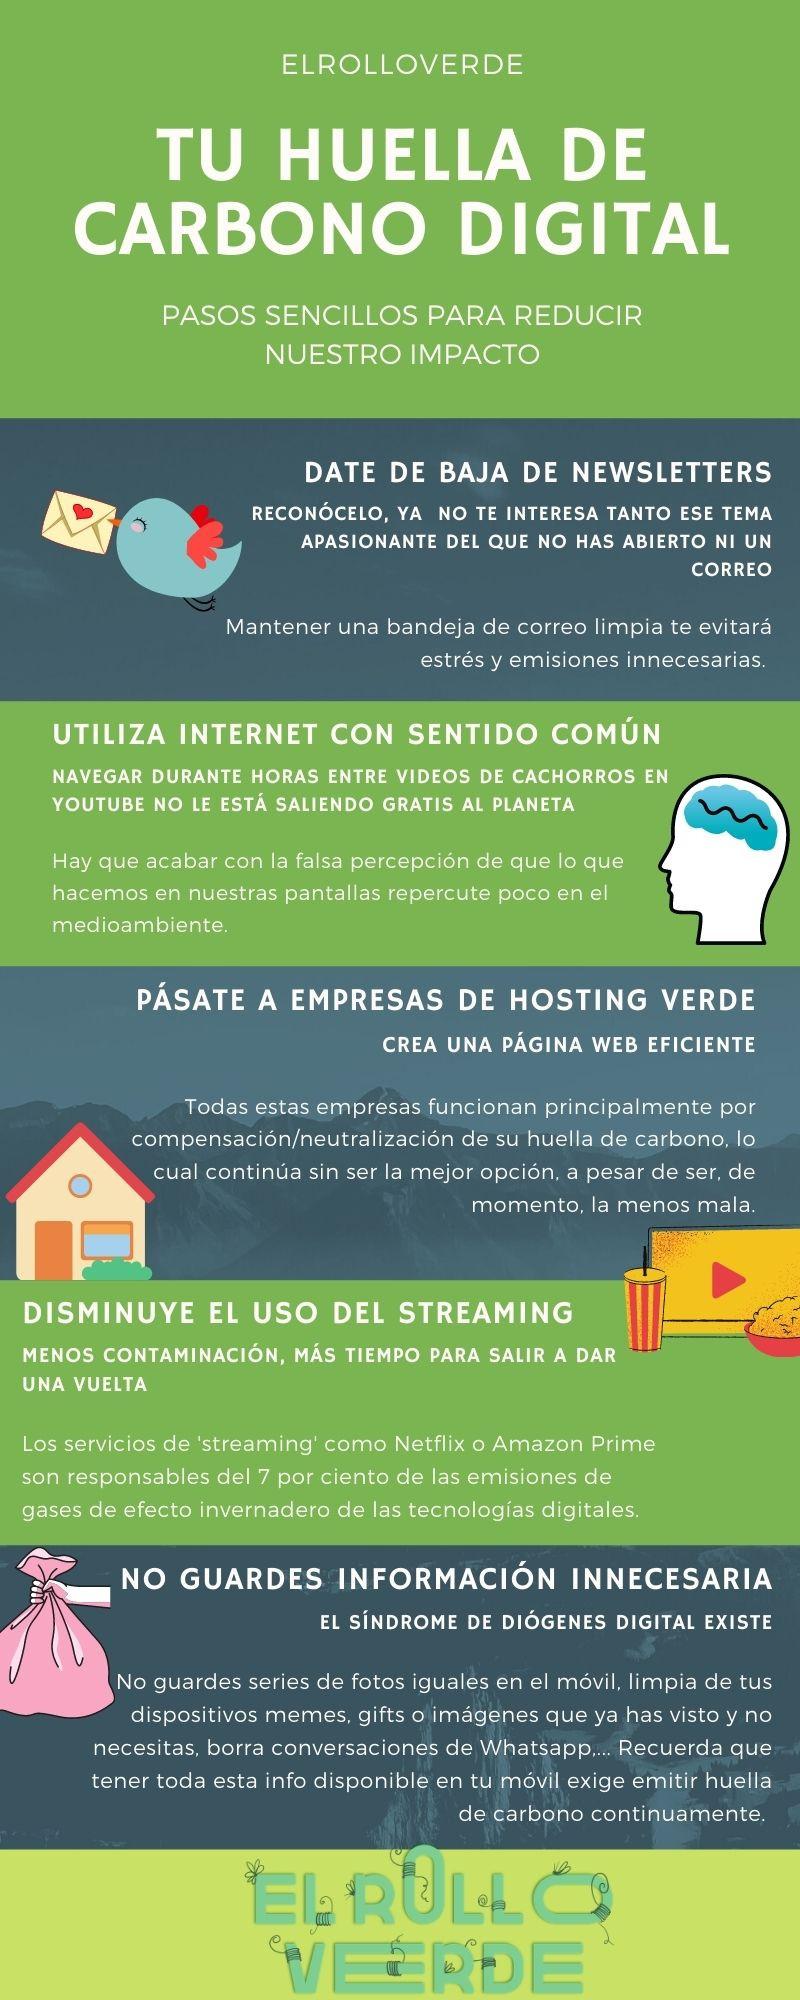 El Rollo verde ecoblog sostenible huella de carbono digital Región de Murcia.